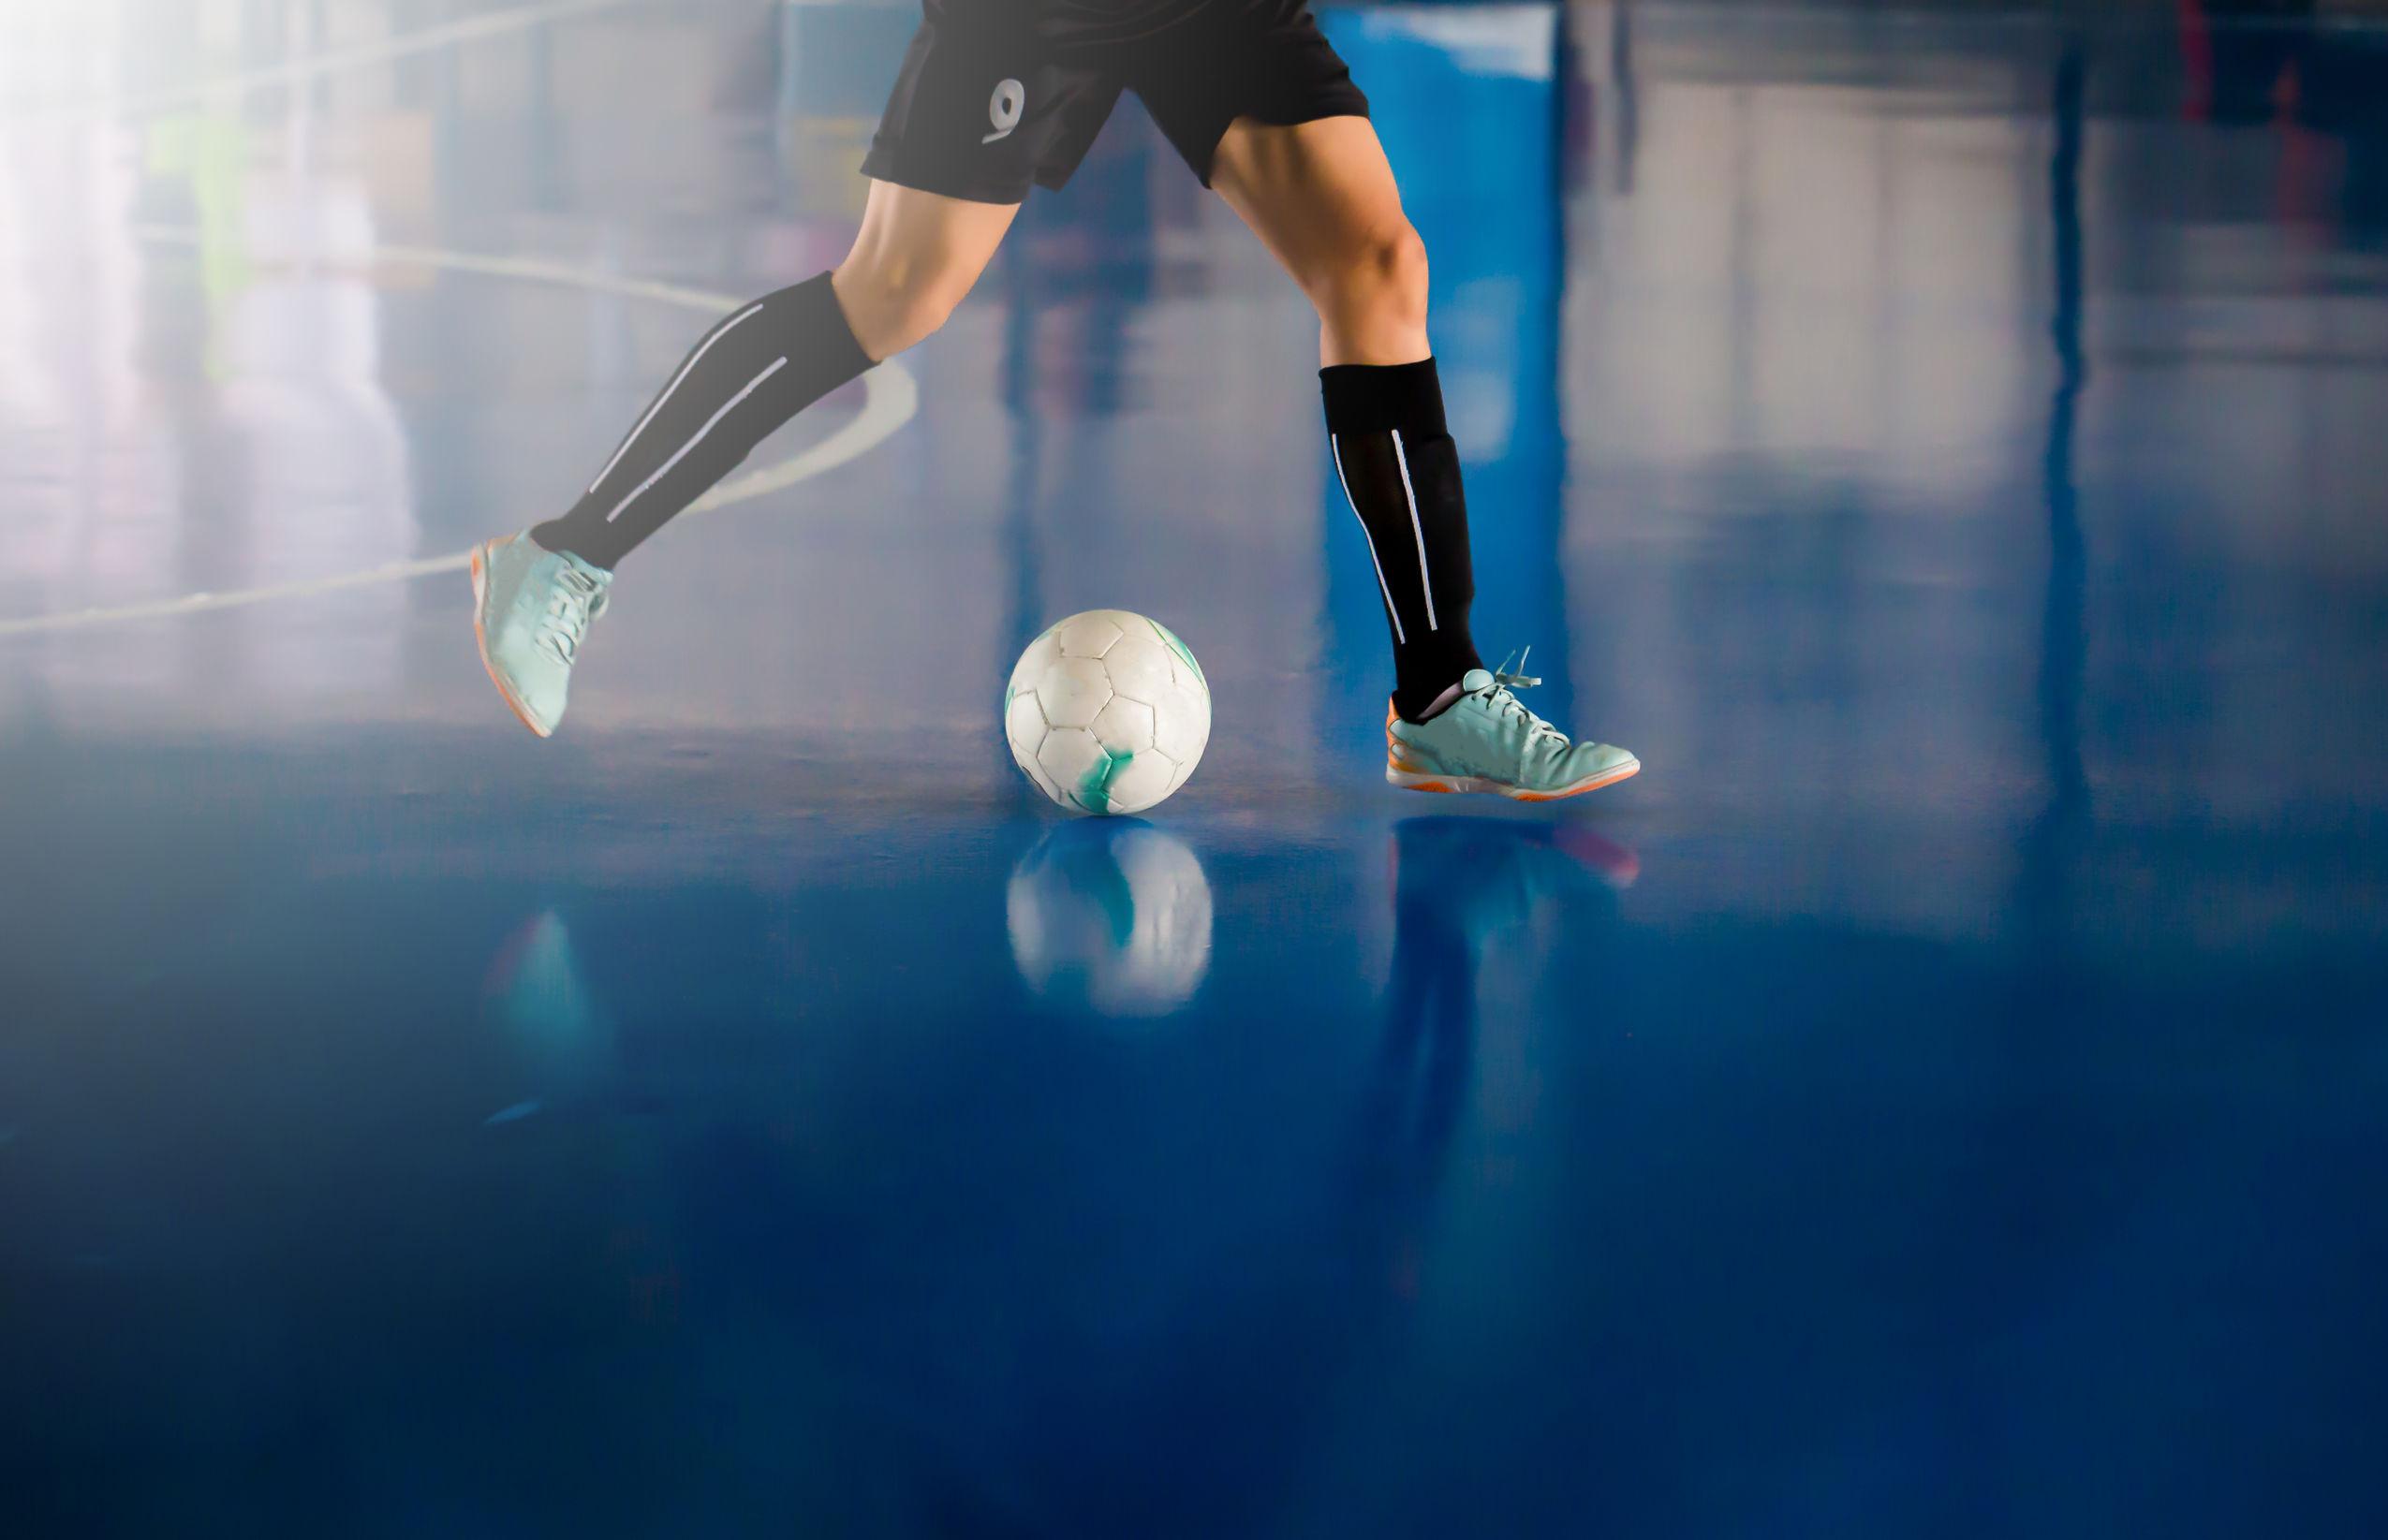 Jogador em uma quadra de futsal com o domínio da bola